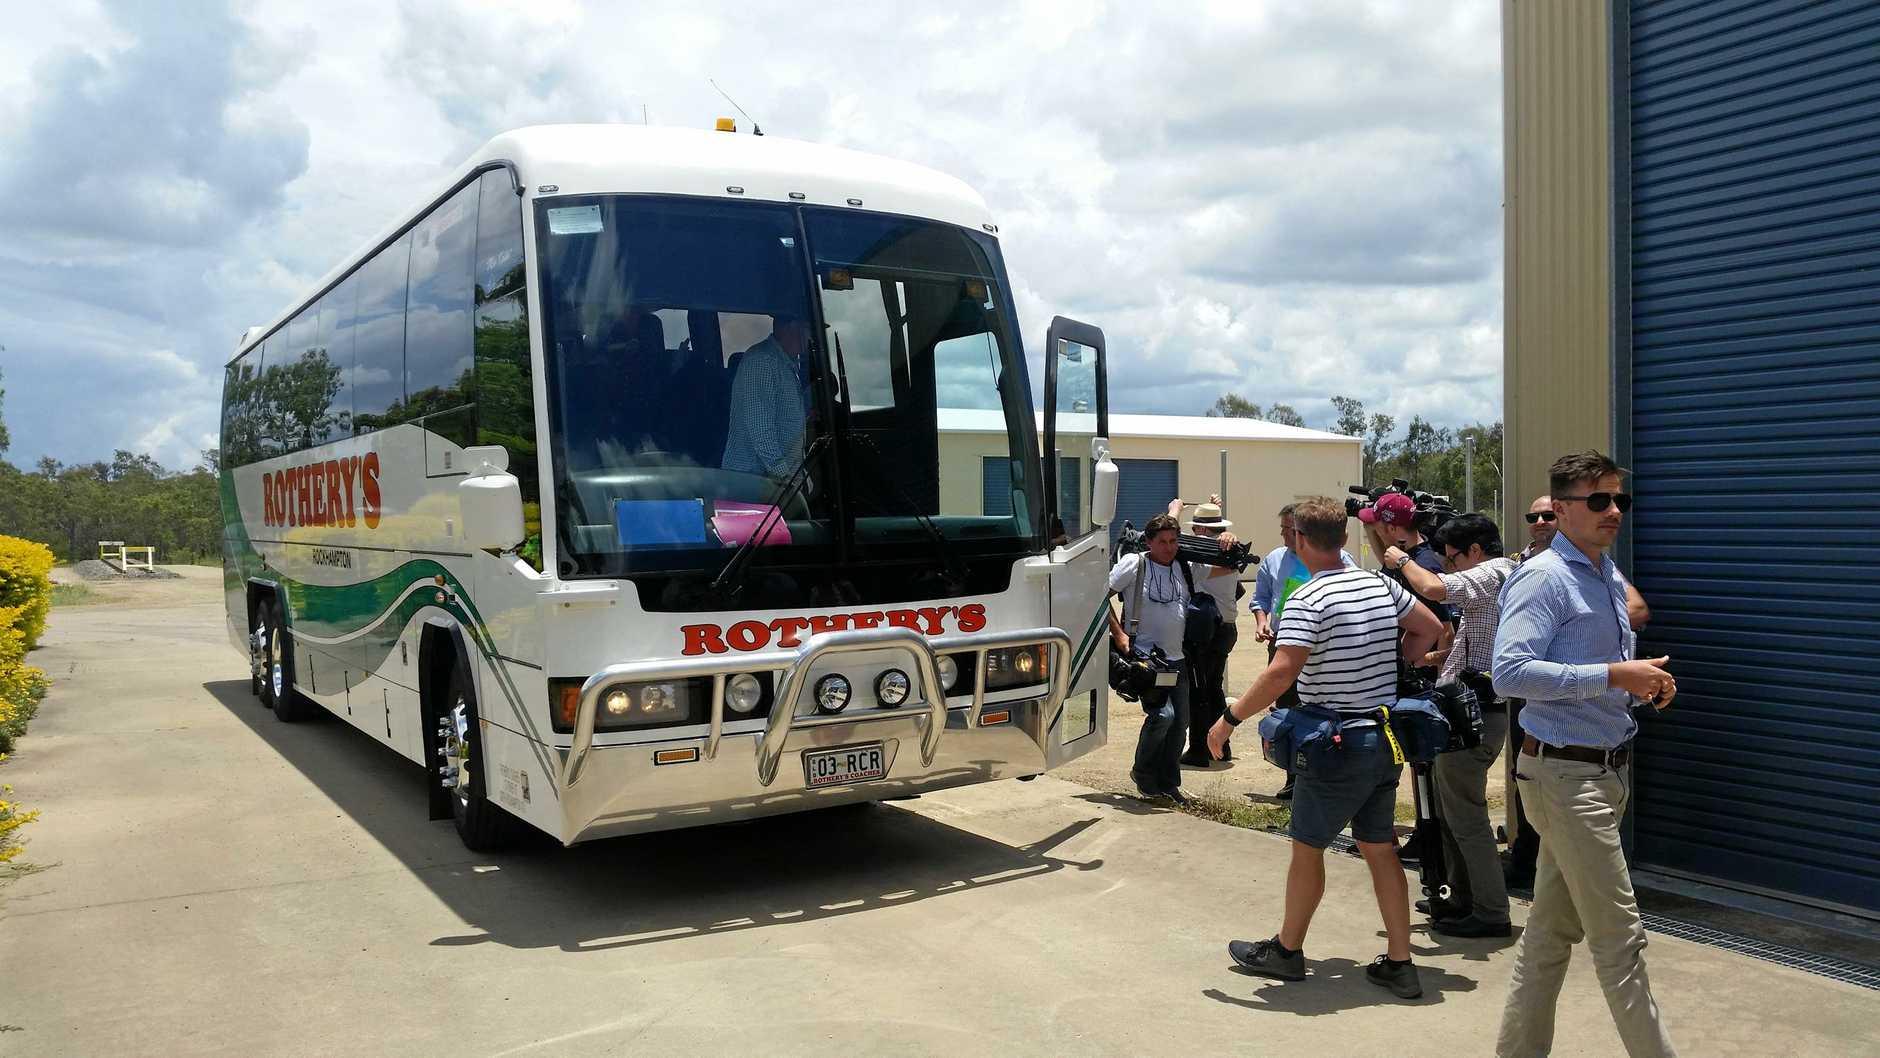 PREMIER VISIT: Queensland Premier Annastacia Palaszczuk's tour bus disgorges the media pack.